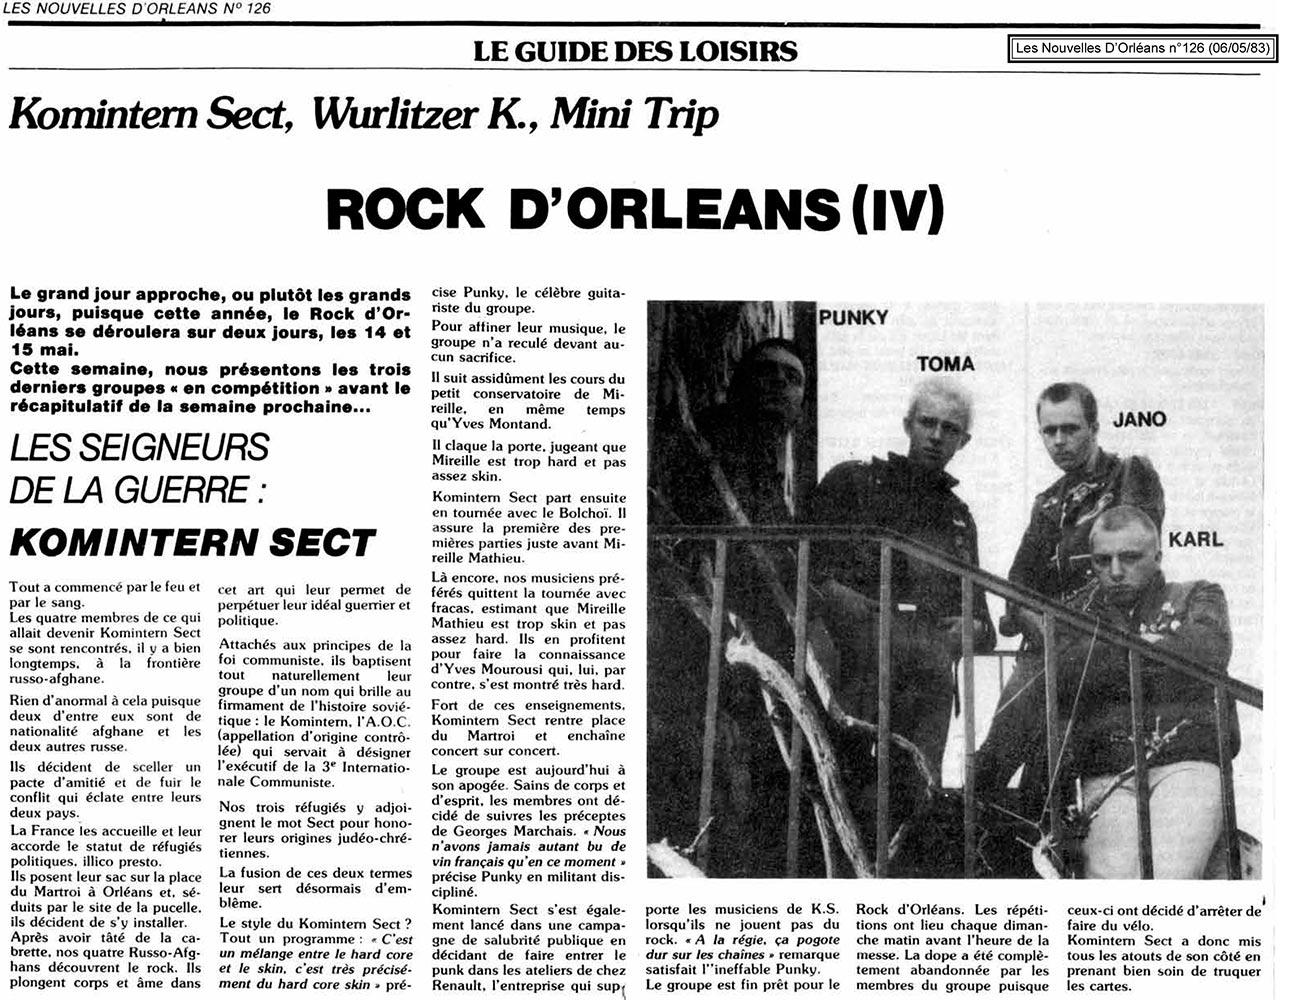 1983_05_08_NOUVELLE-ORLEANS-126